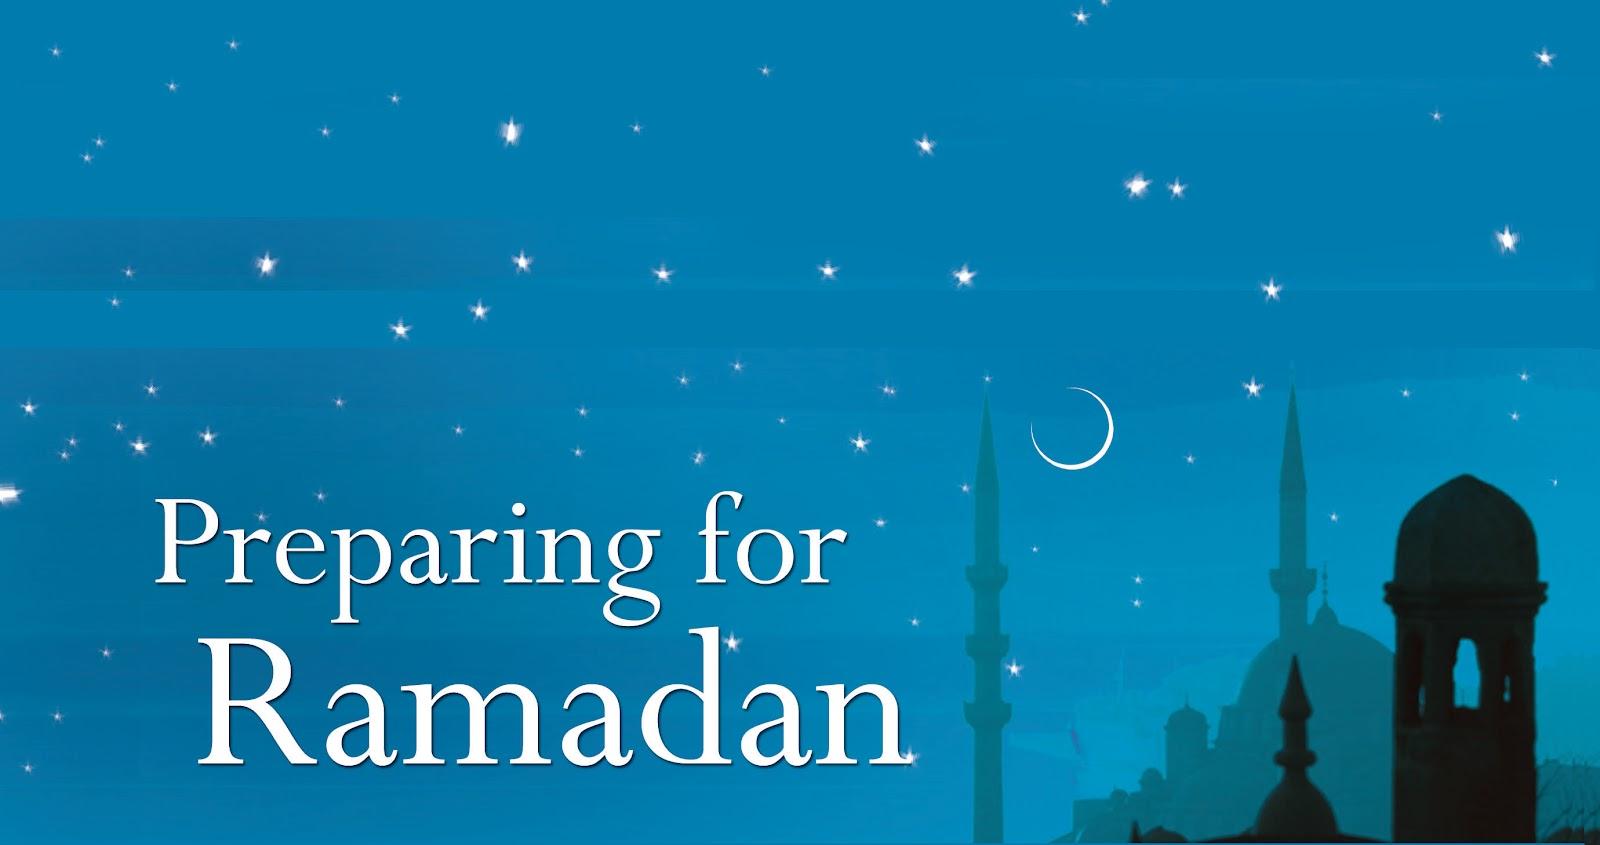 preparing-for-ramadan-hd-wallpaper